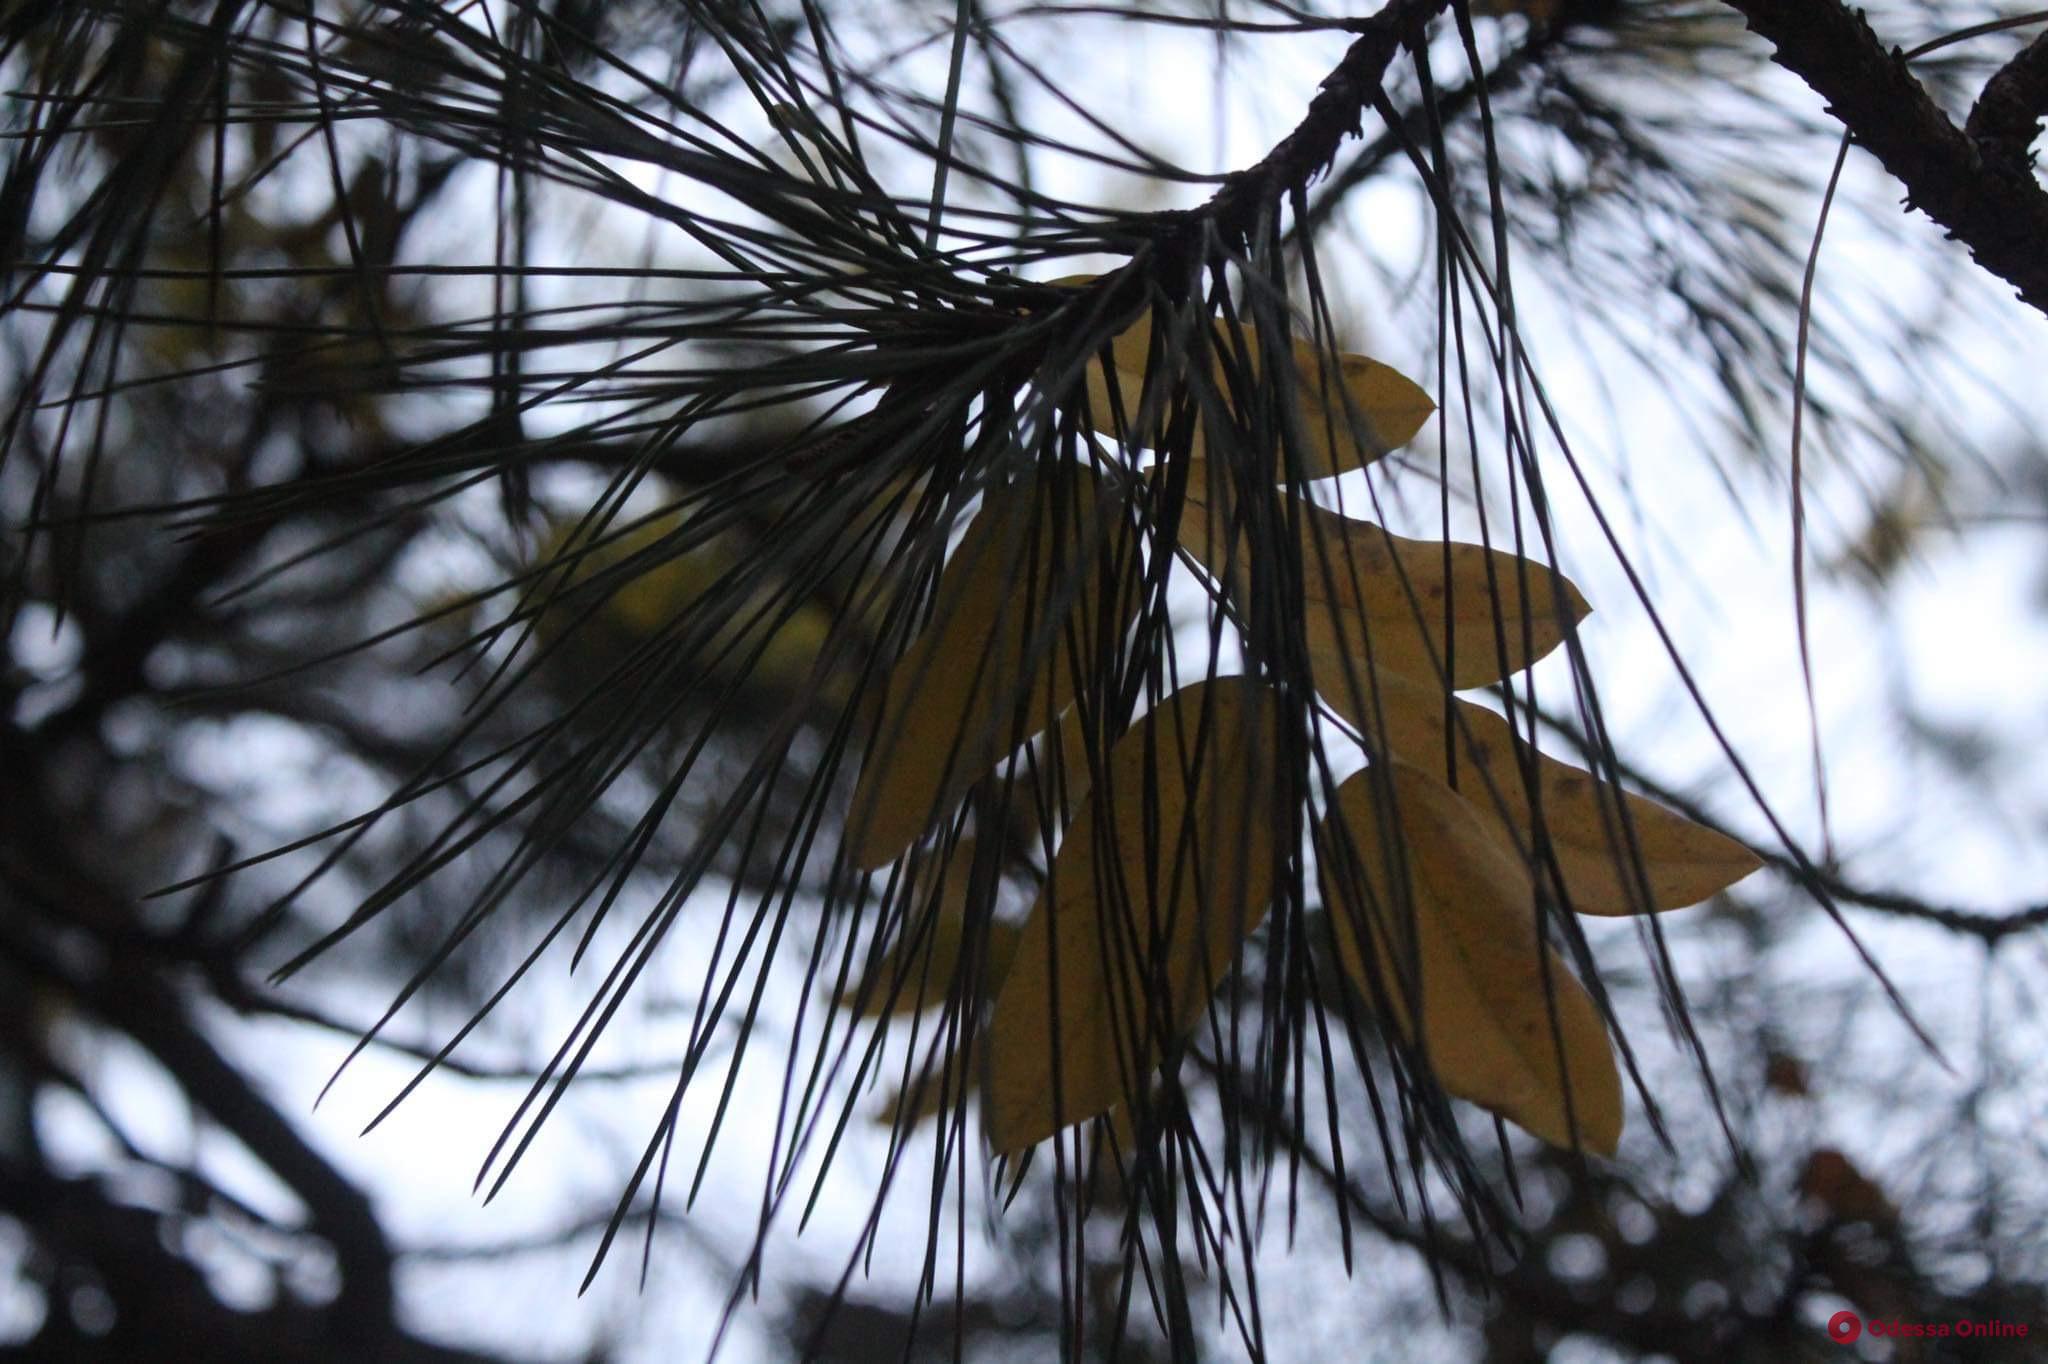 О погоде в понедельник: утром синоптики обещают гололед и налипание мокрого снега